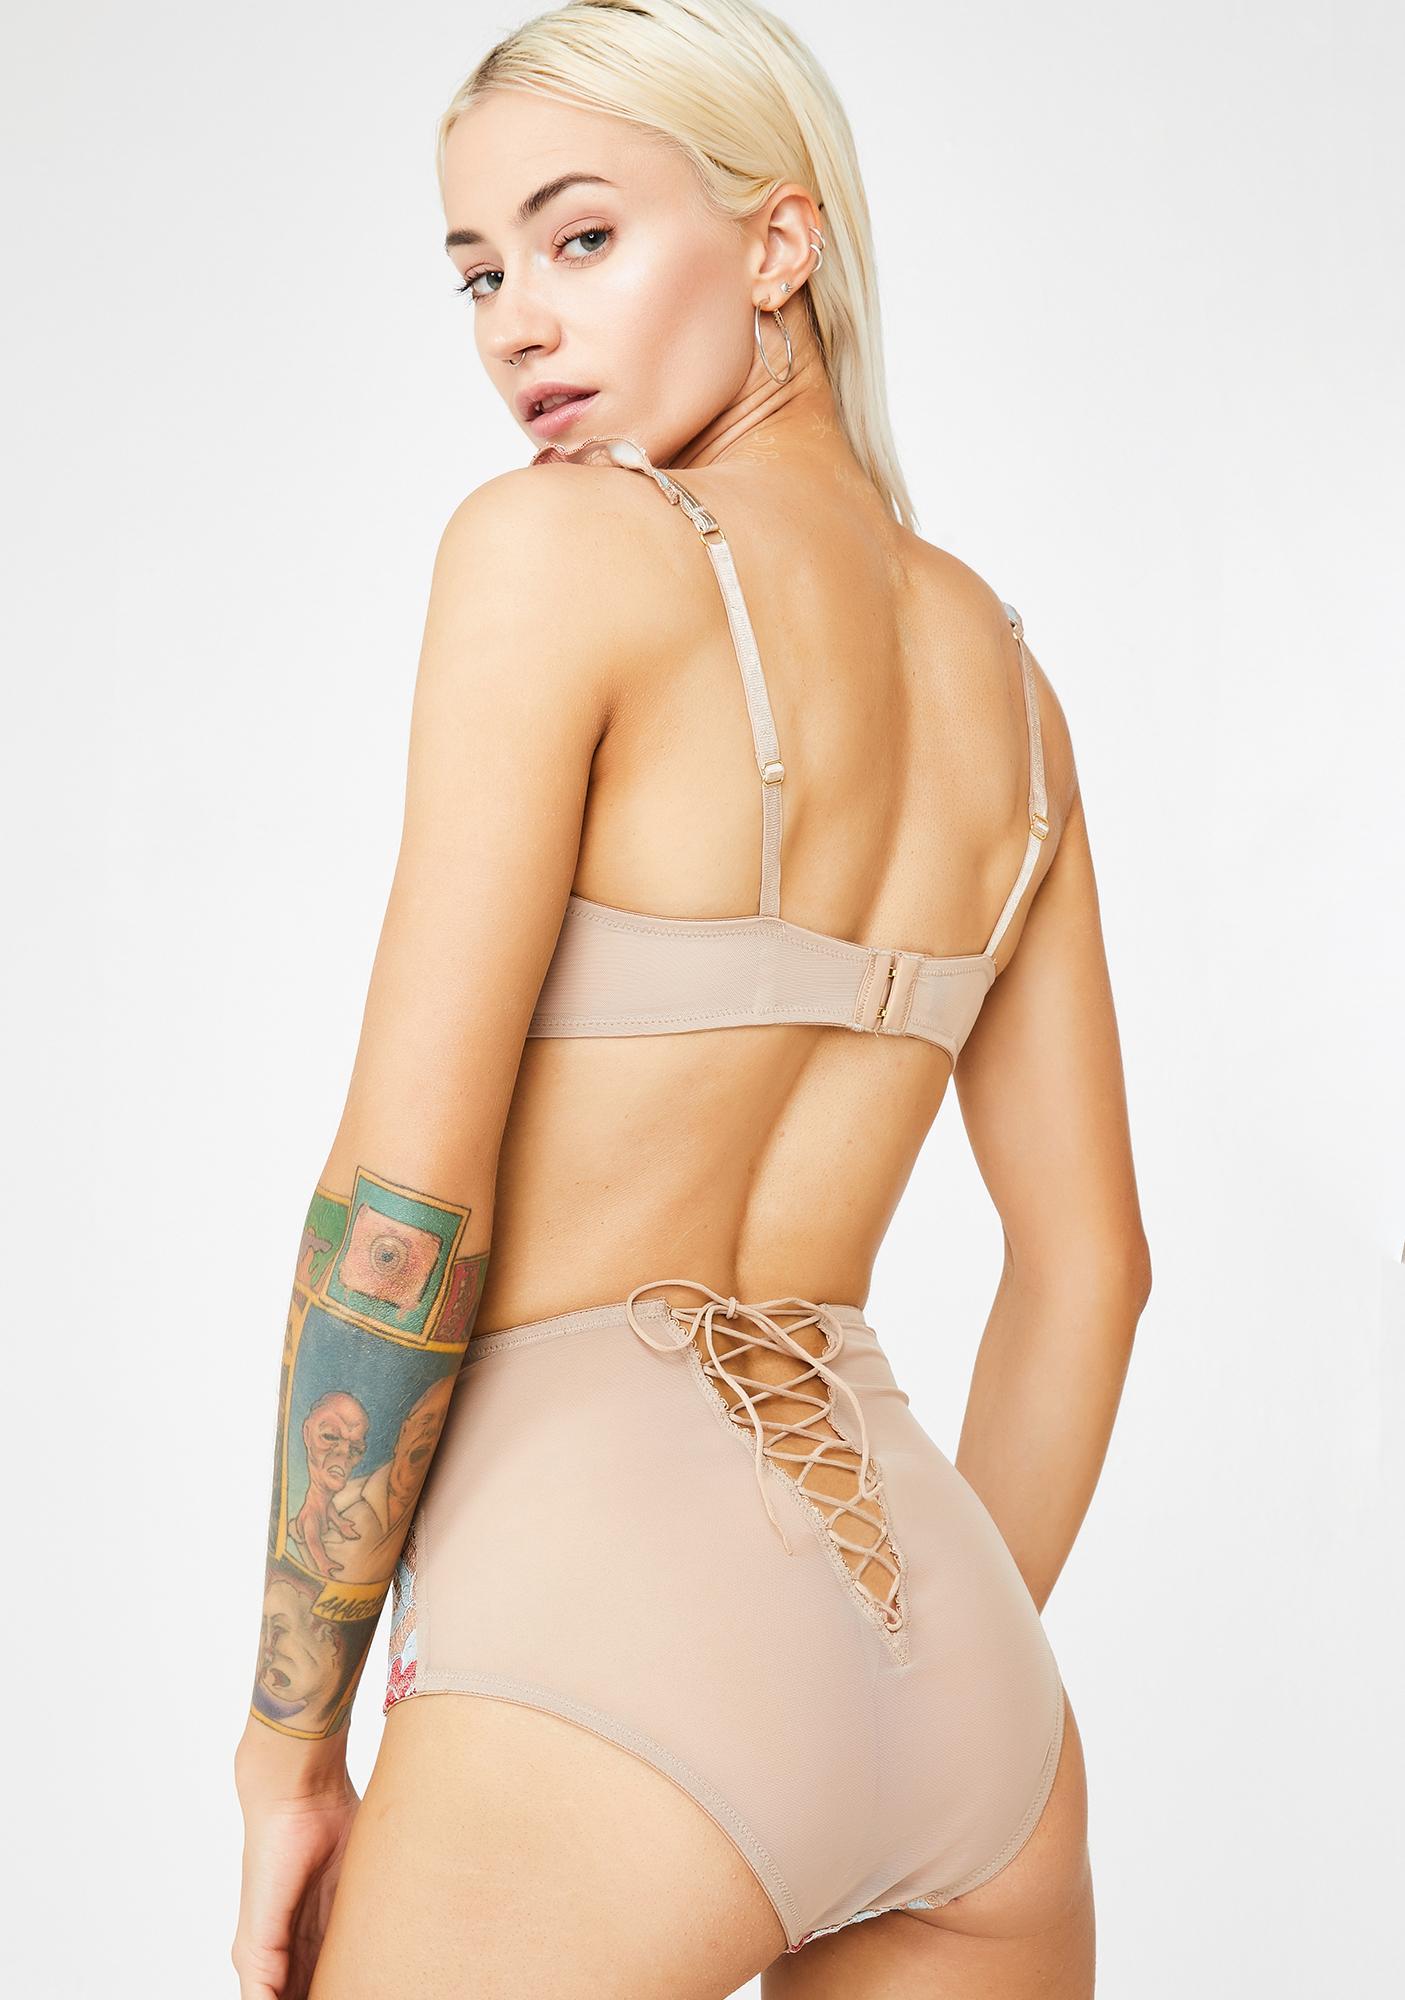 Got You Sprung Lace Panties